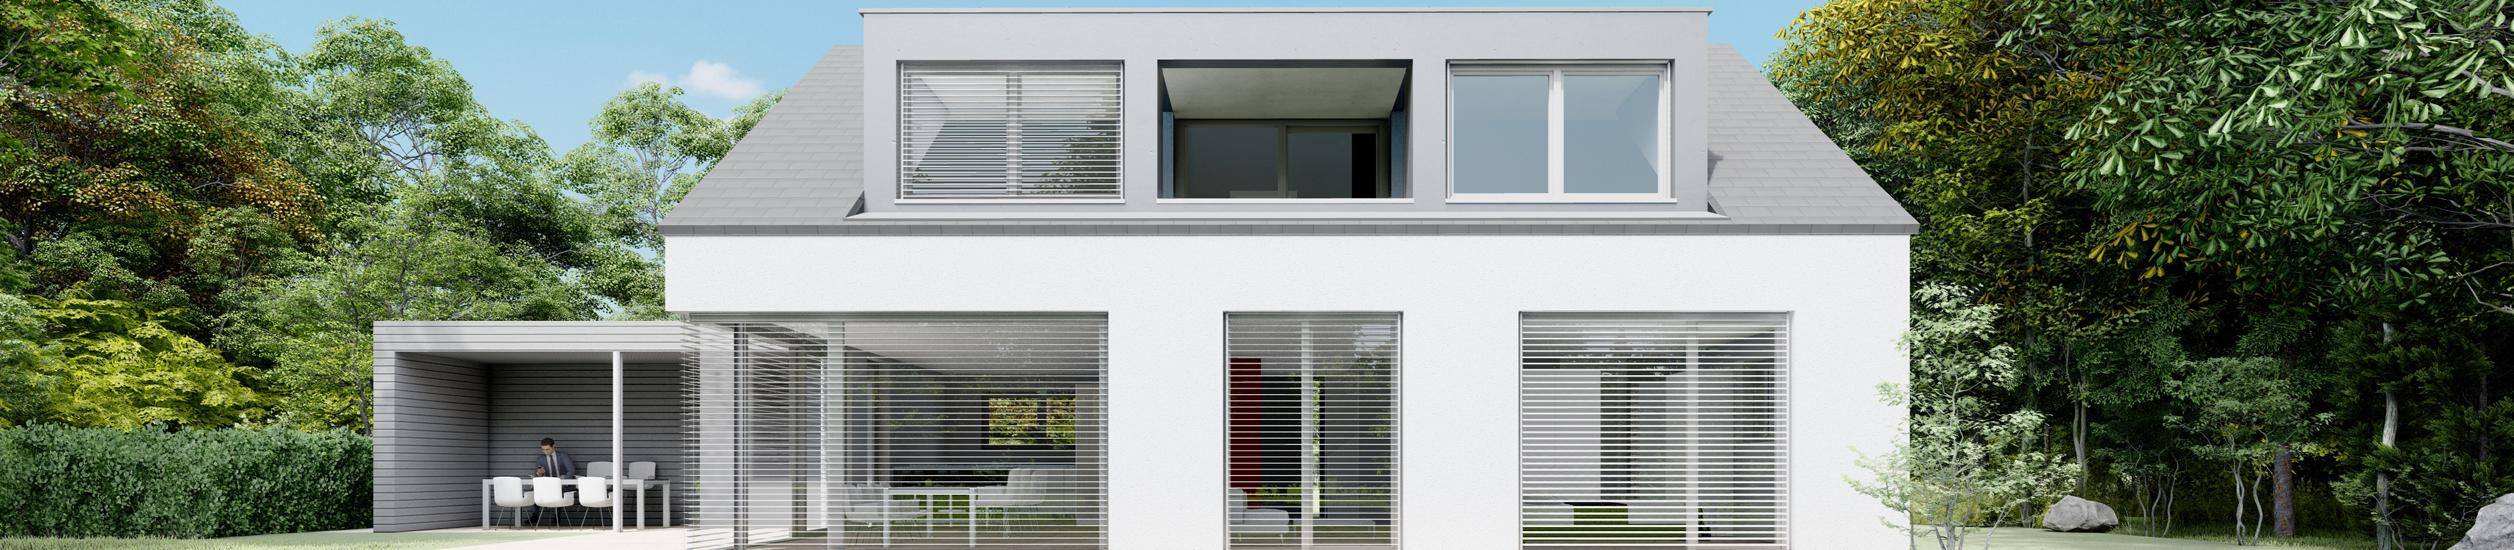 Neubau eines Einfamilienhauses in Schachen